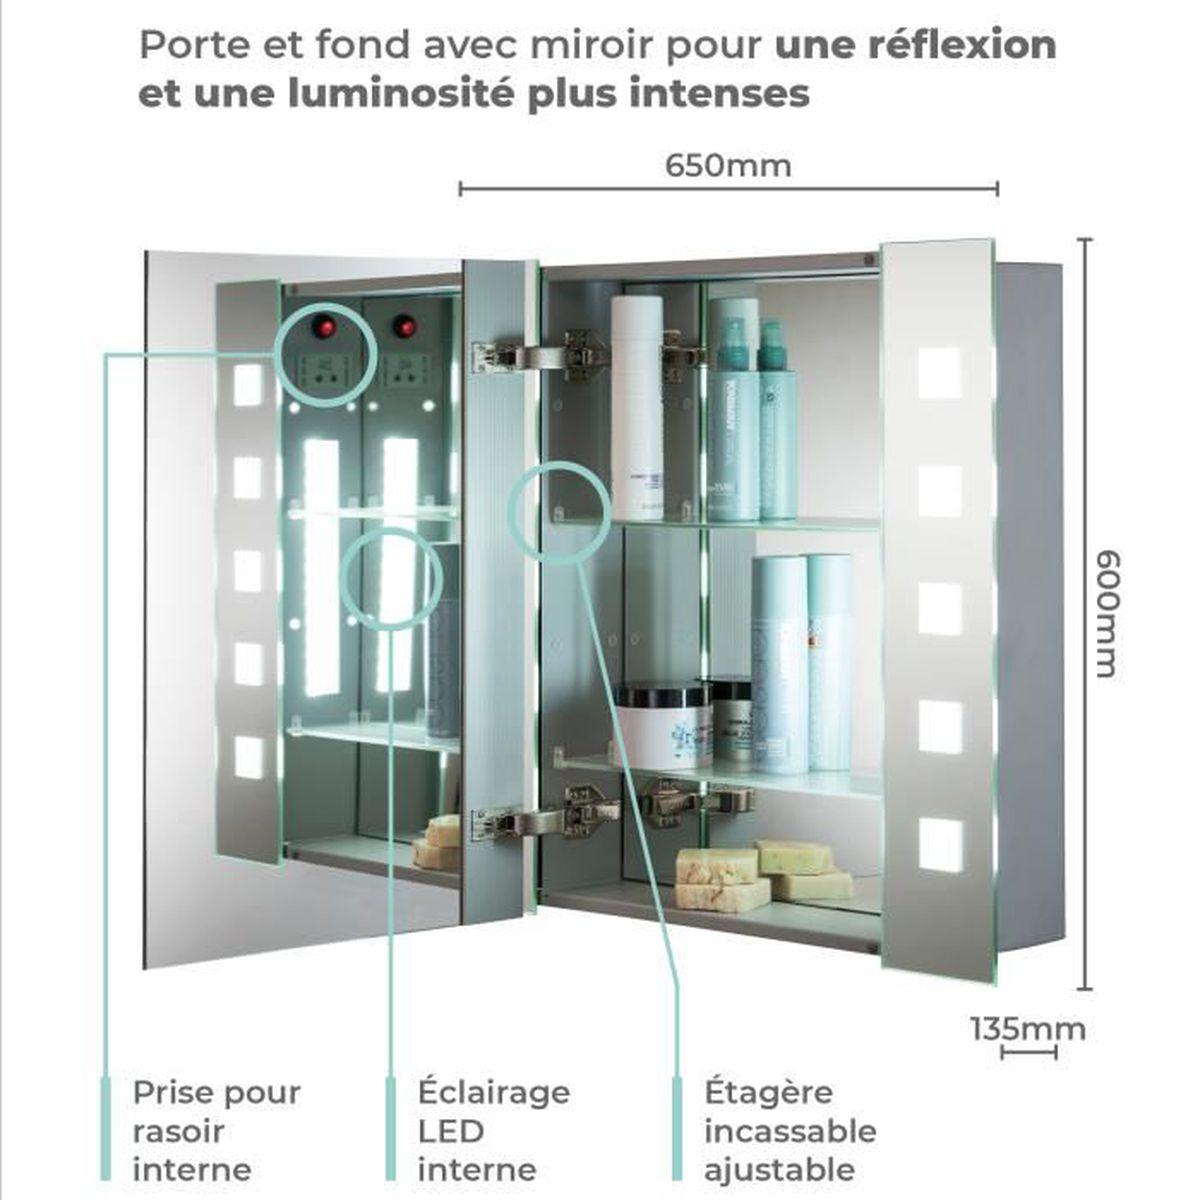 Meuble Haut Salle De Bain Avec Miroir armoire de toilette pour salle de bain avec miroir lumineux, antibuée,  prise pour rasoir, détecteur de mouvement et éclairage led